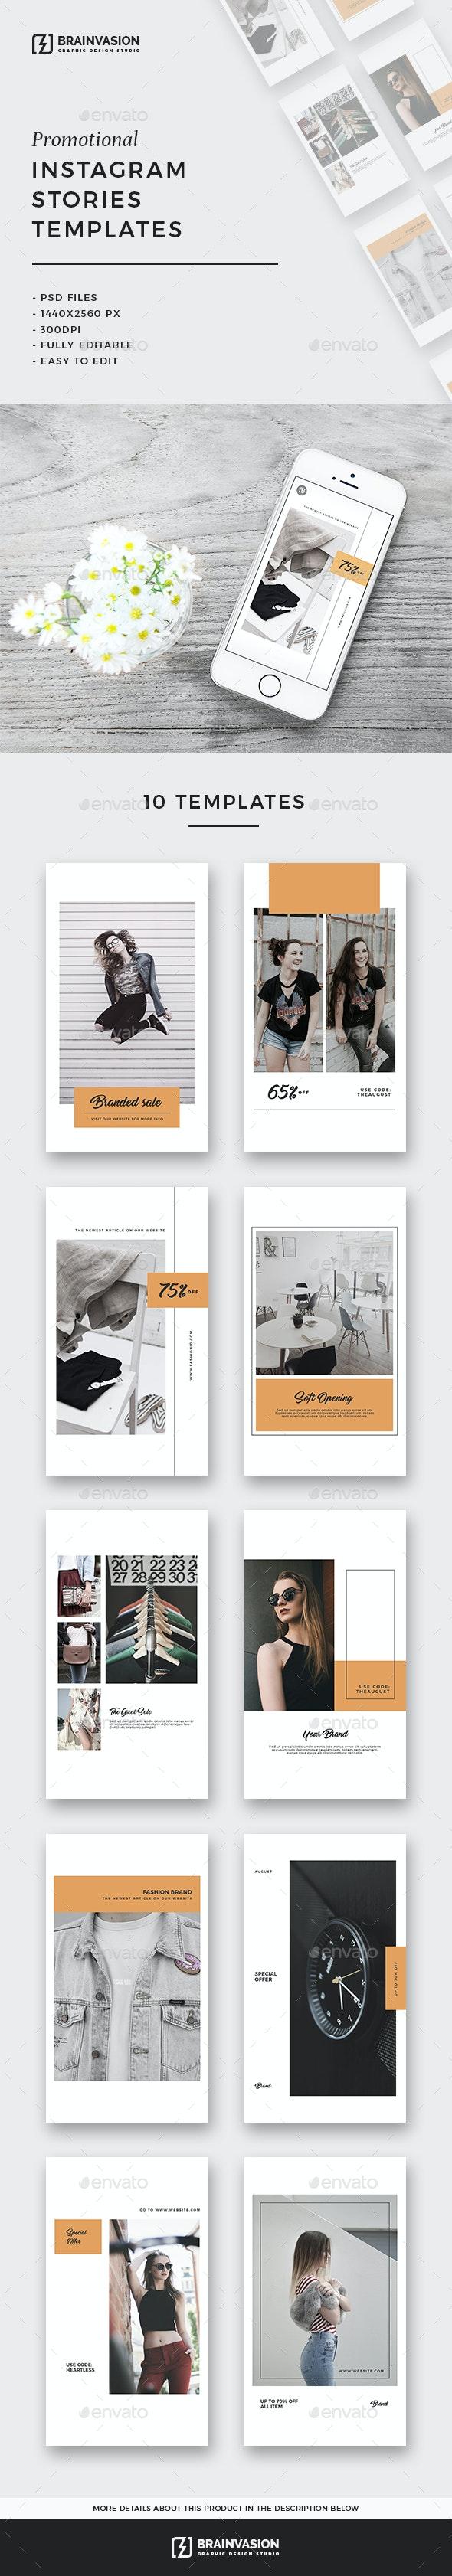 Instagram Stories Templates Vol.03 - Social Media Web Elements